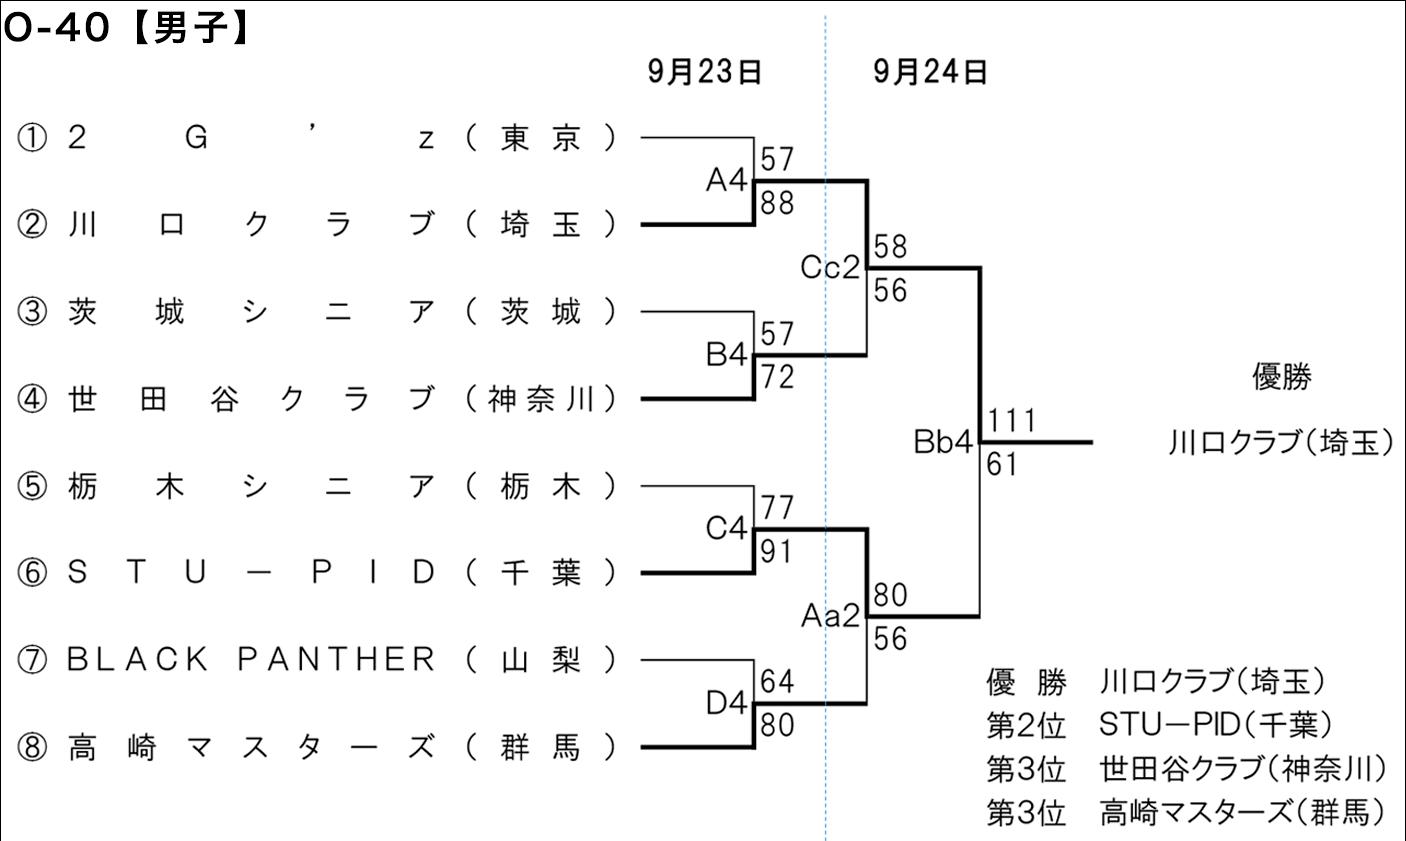 2018年度 第1回 全日本社会人O-40バスケットボール選手権大会 関東ブロック予選 - 大会結果 男子